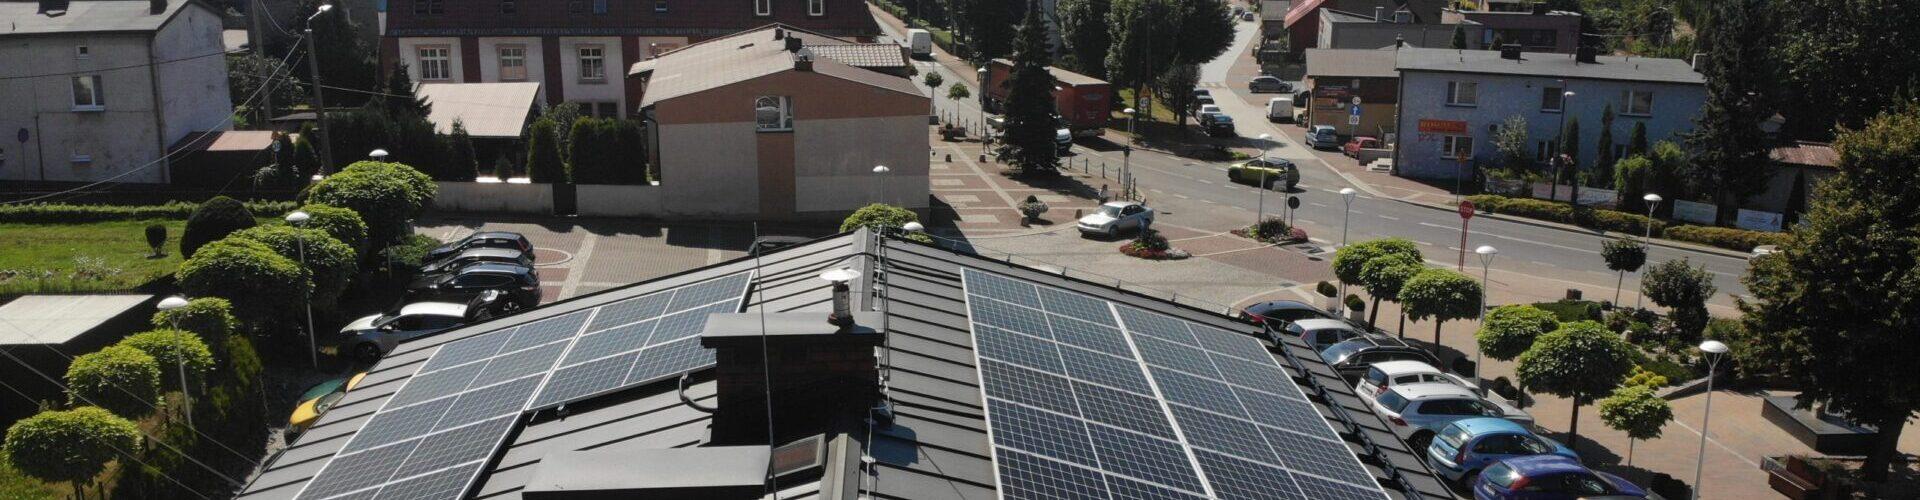 Panele fotowoltaiczne na dachu krytym rąbkiem